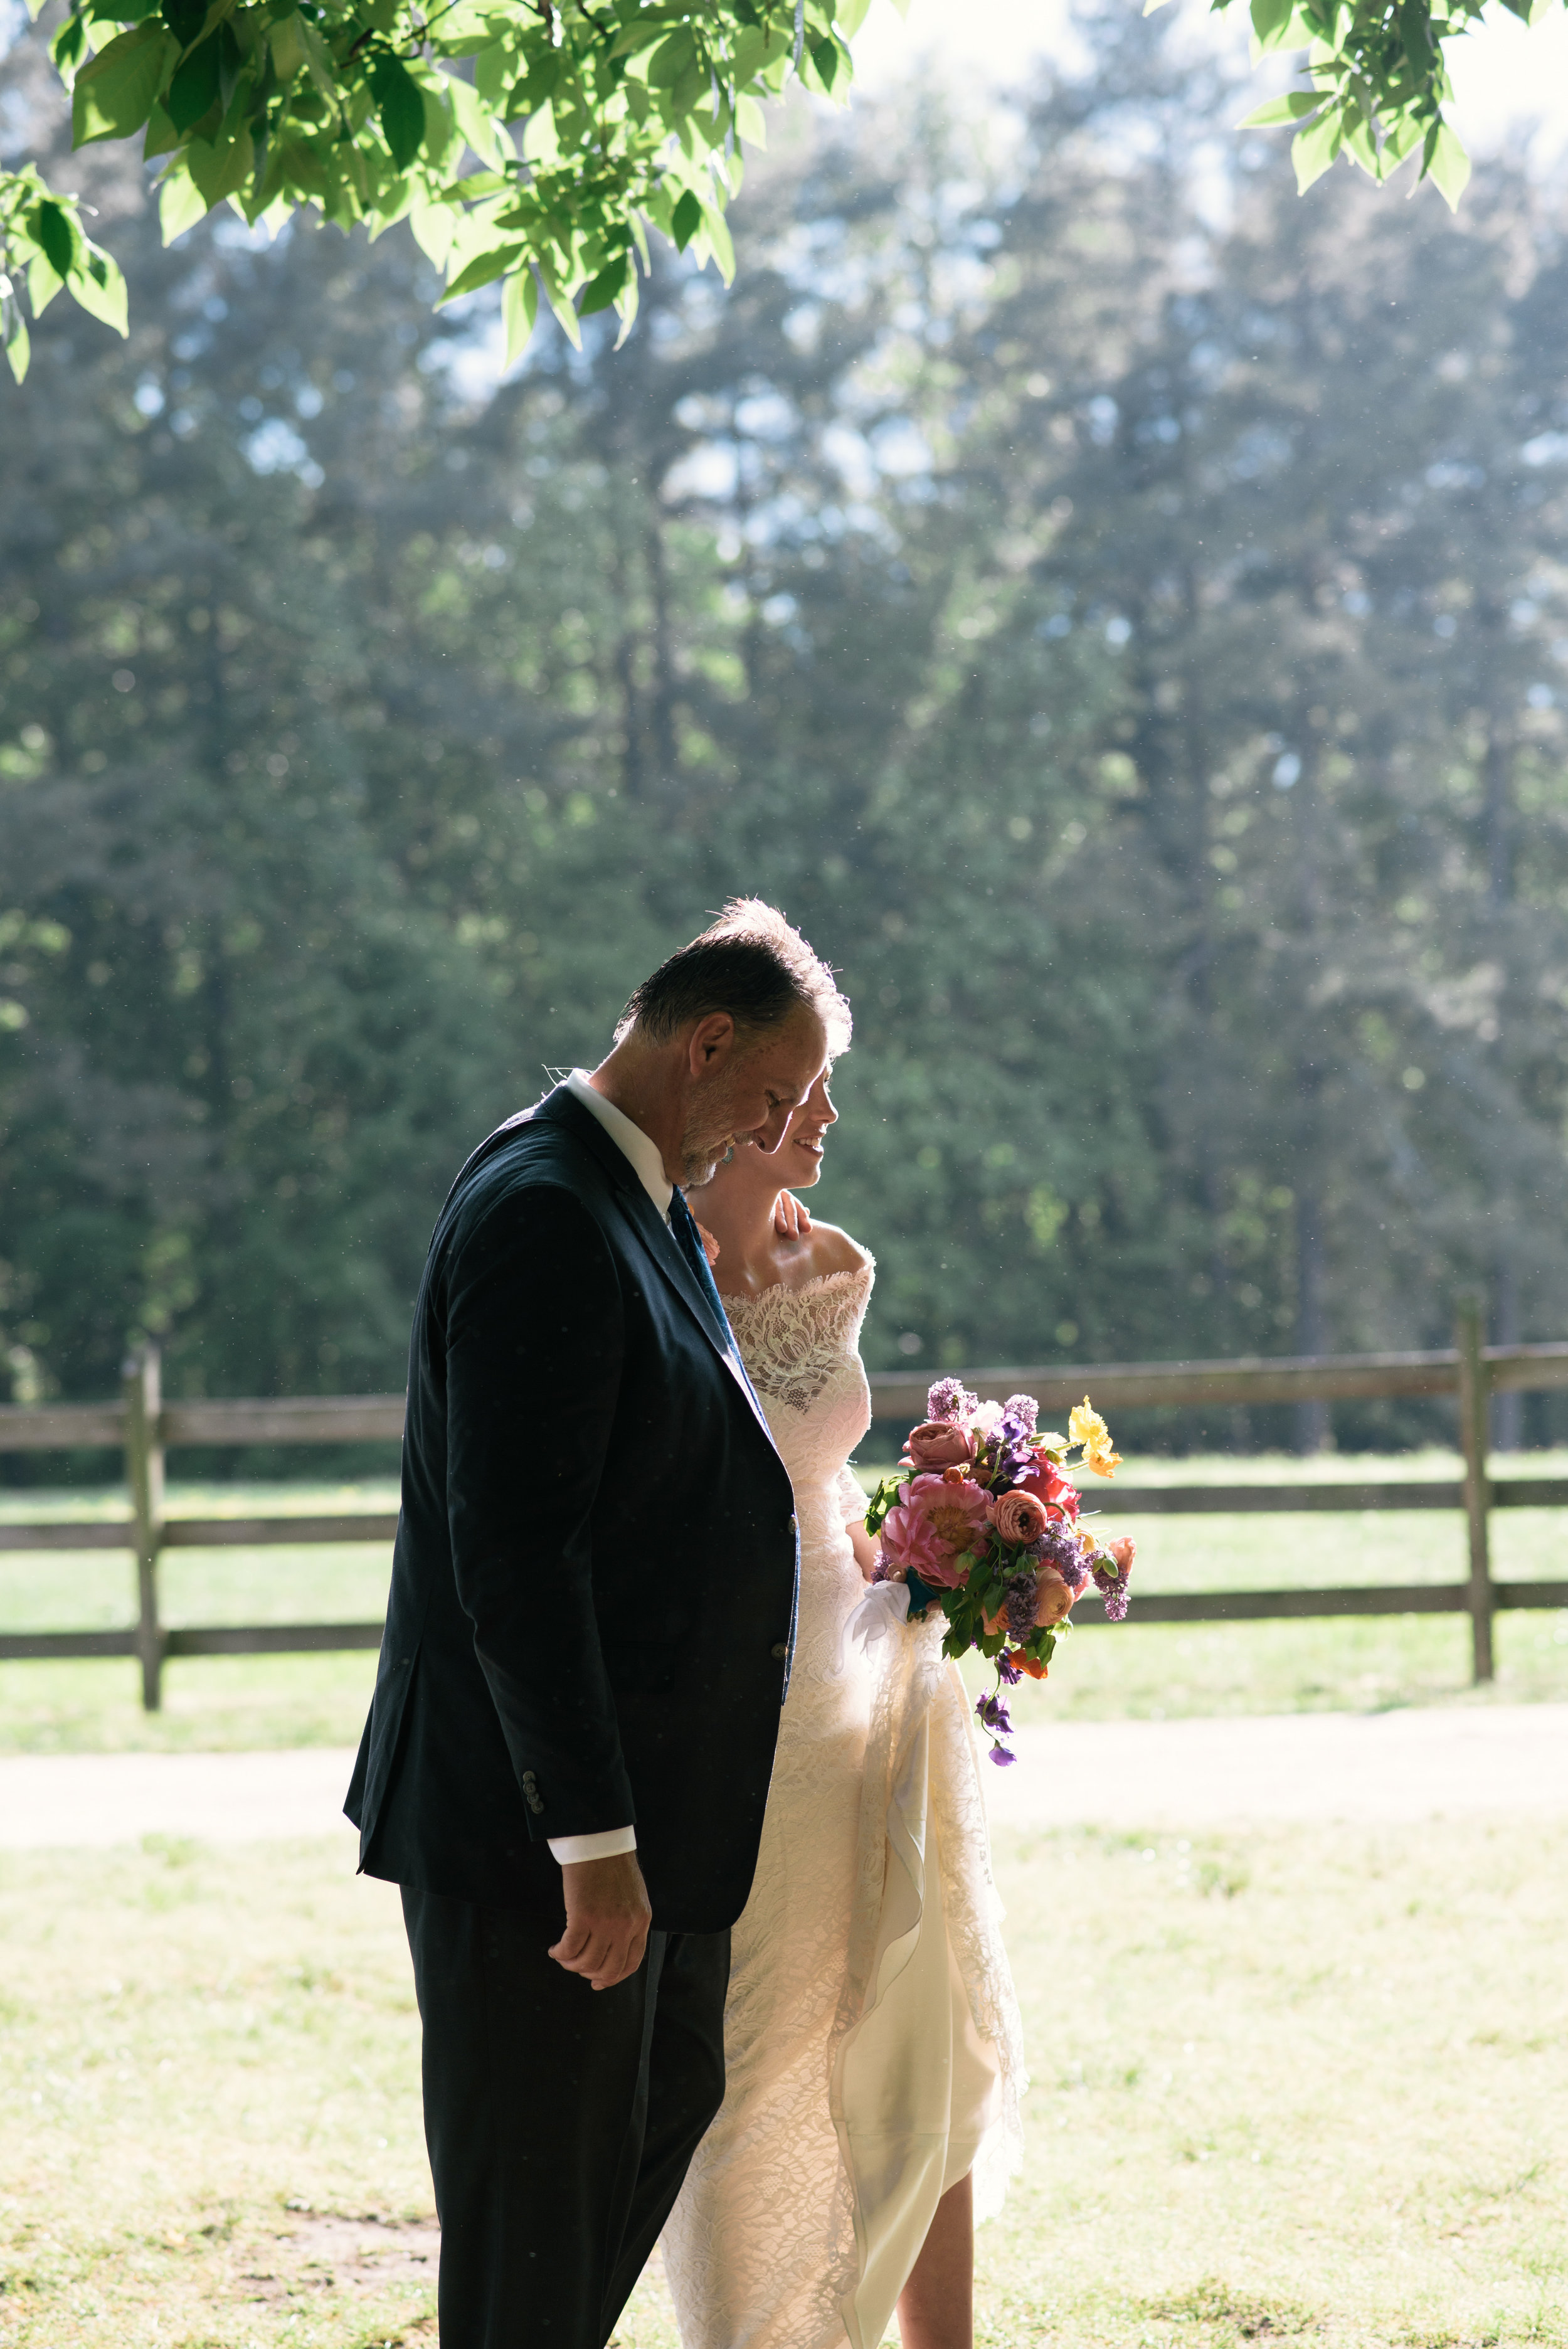 raleigh-elopement-photographer-raleigh-durham-wedding-maddie-and-devin- (92 of 162).jpg